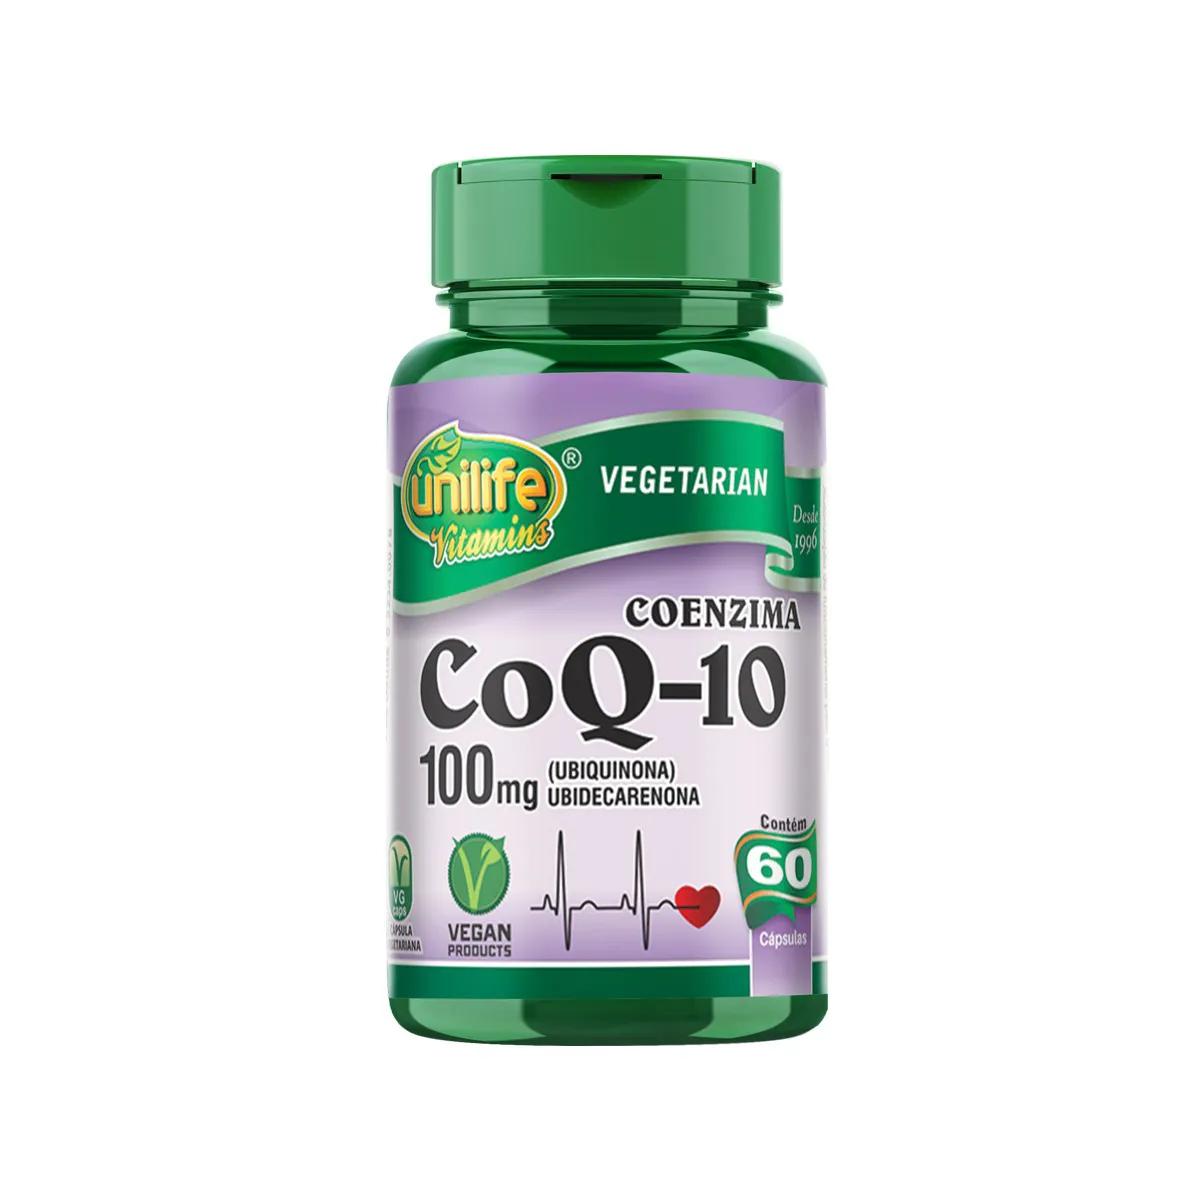 Coenzima CoQ10 Ubiquinona Concentrada 400mg 60 Cápsulas - Unilife